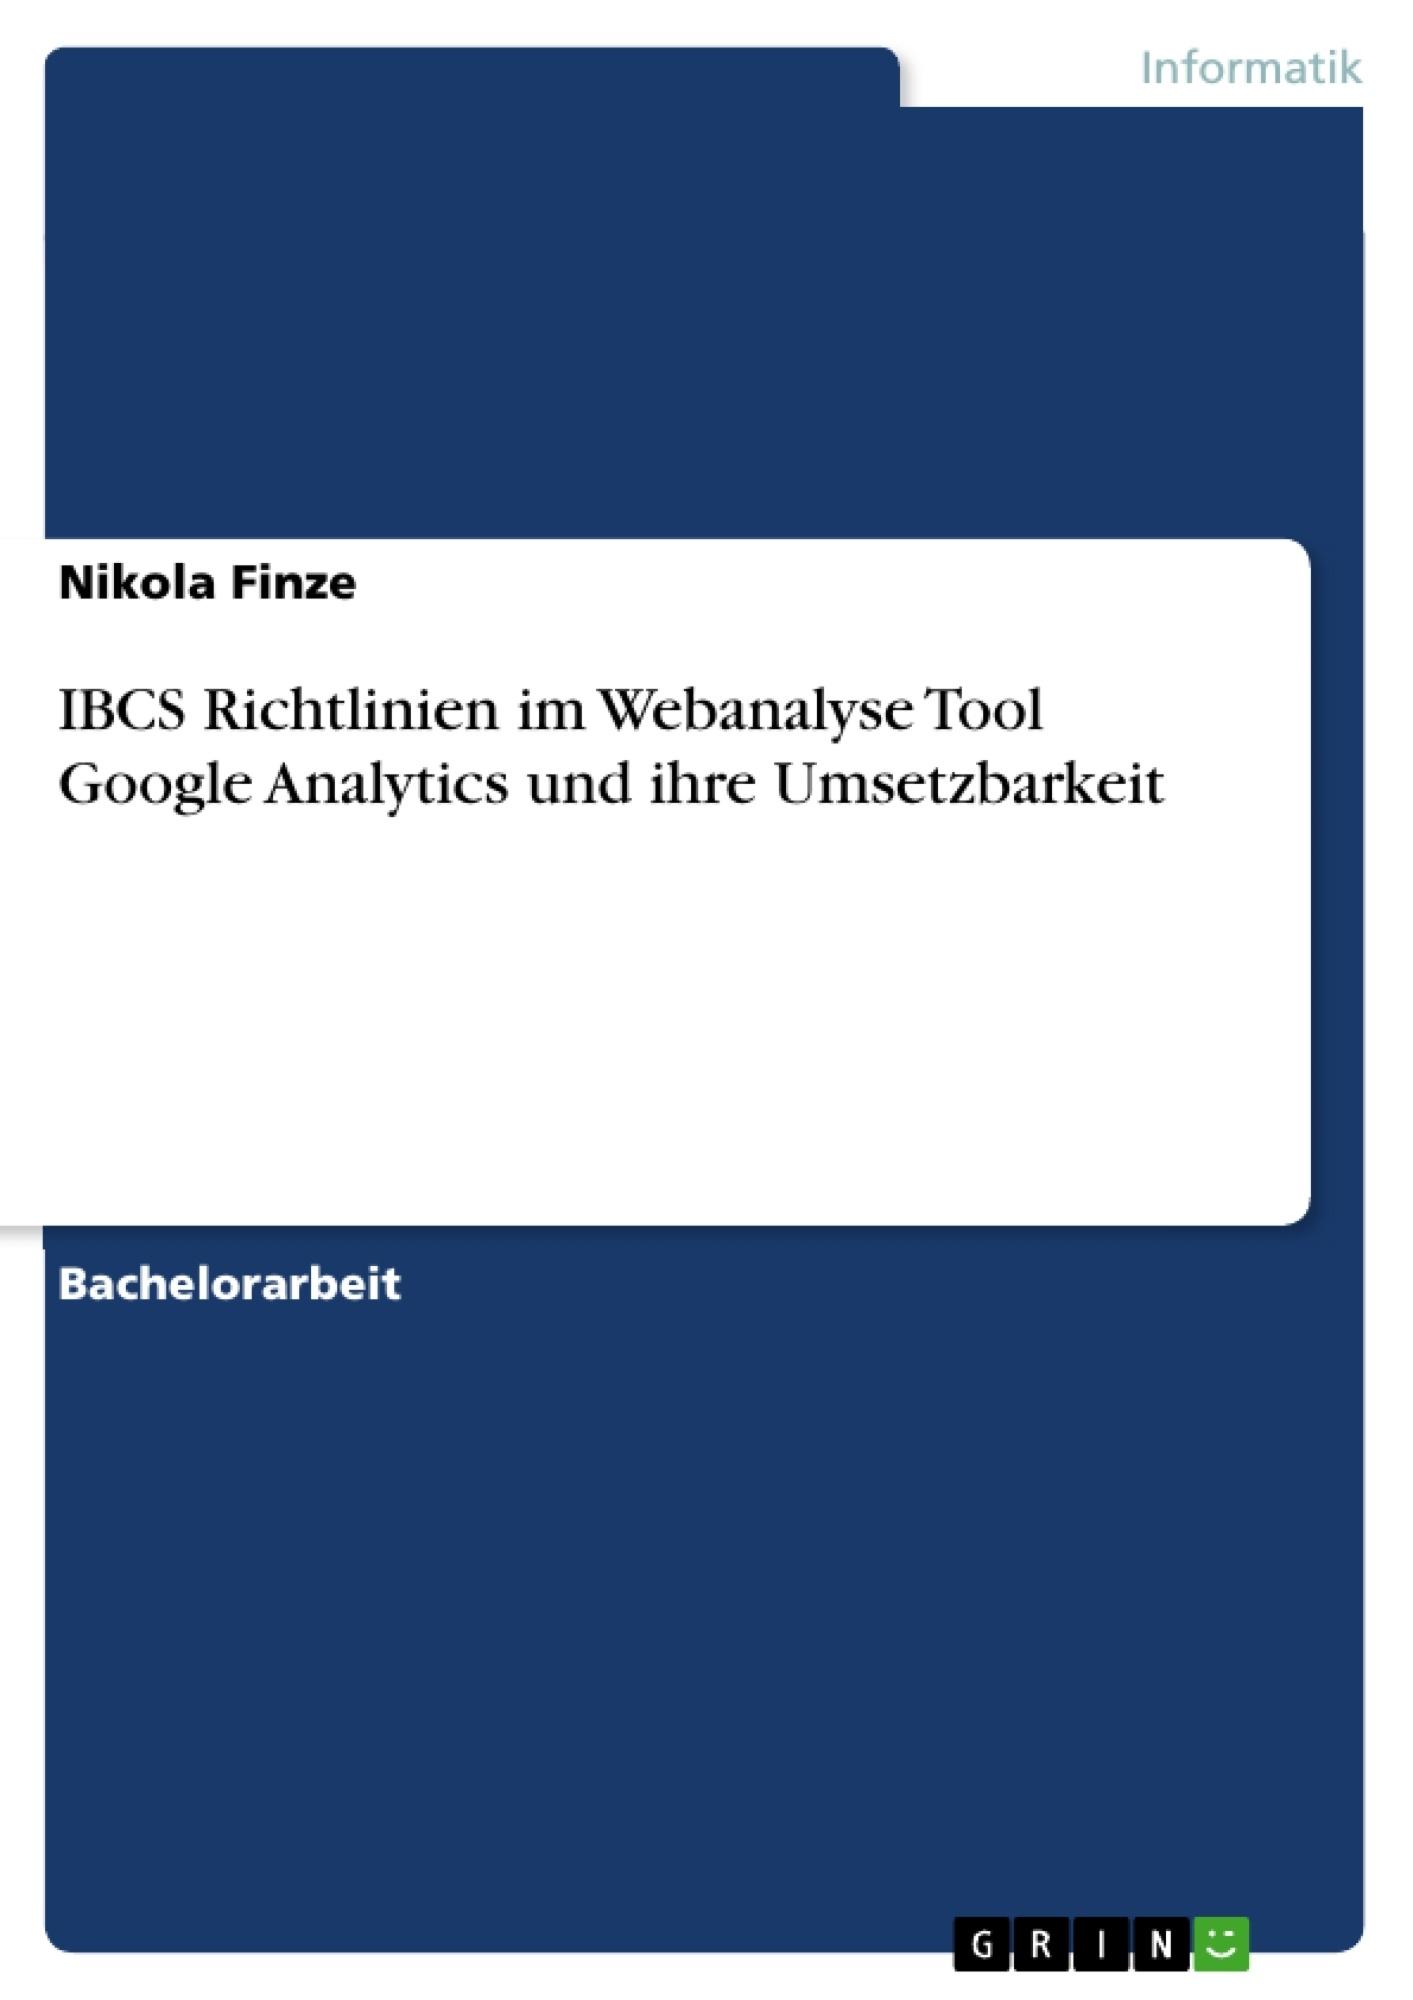 Titel: IBCS Richtlinien im Webanalyse Tool Google Analytics und ihre Umsetzbarkeit